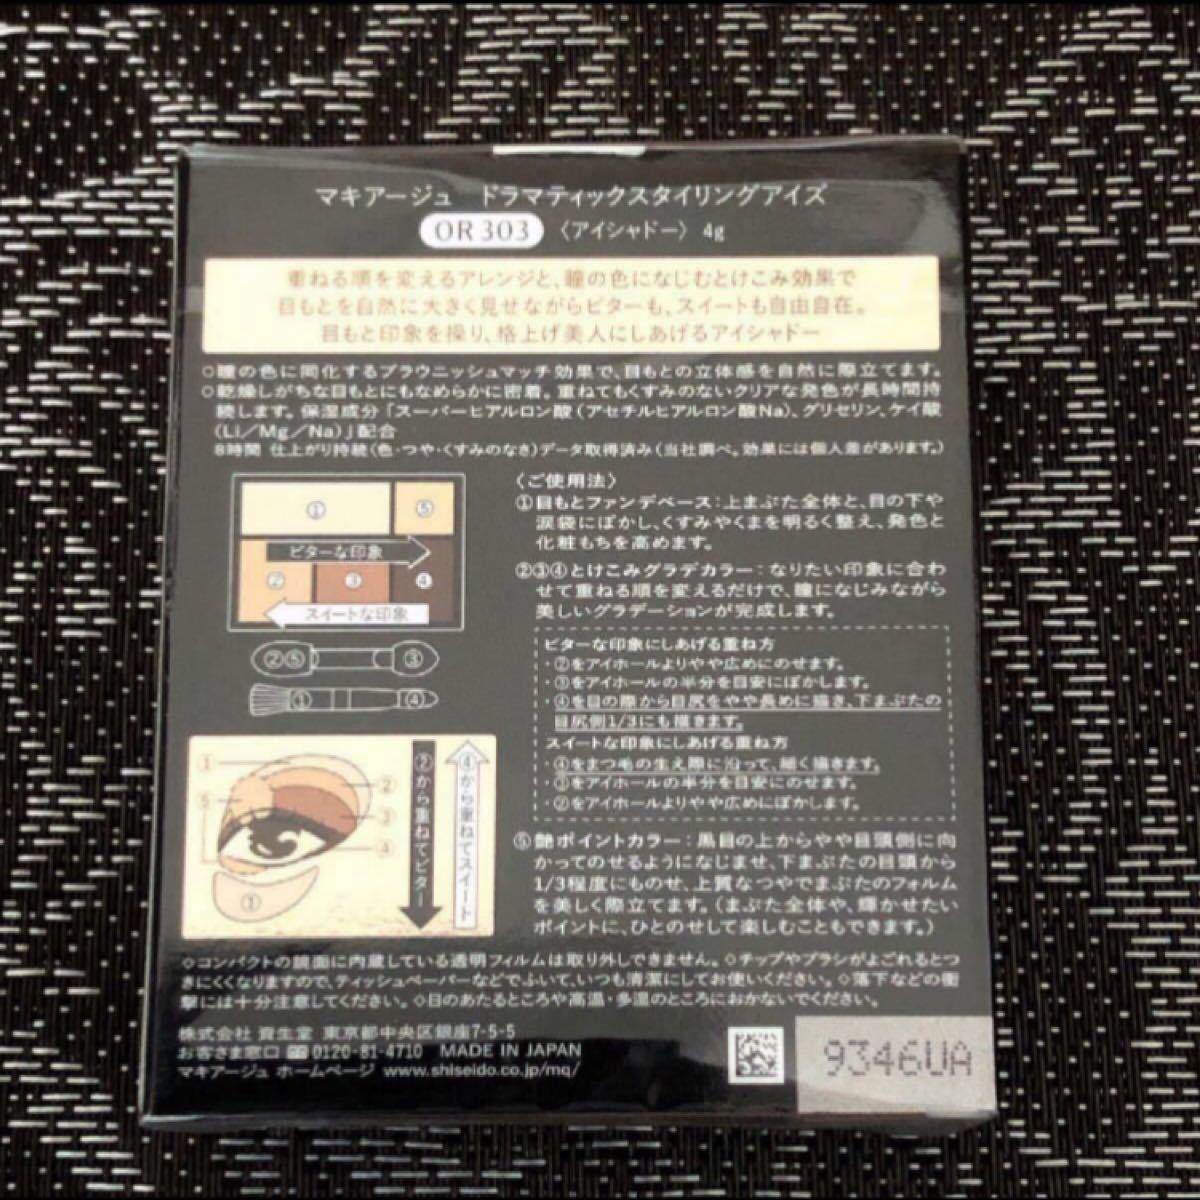 マキアージュ ドラマティックスタイリングアイズOR303